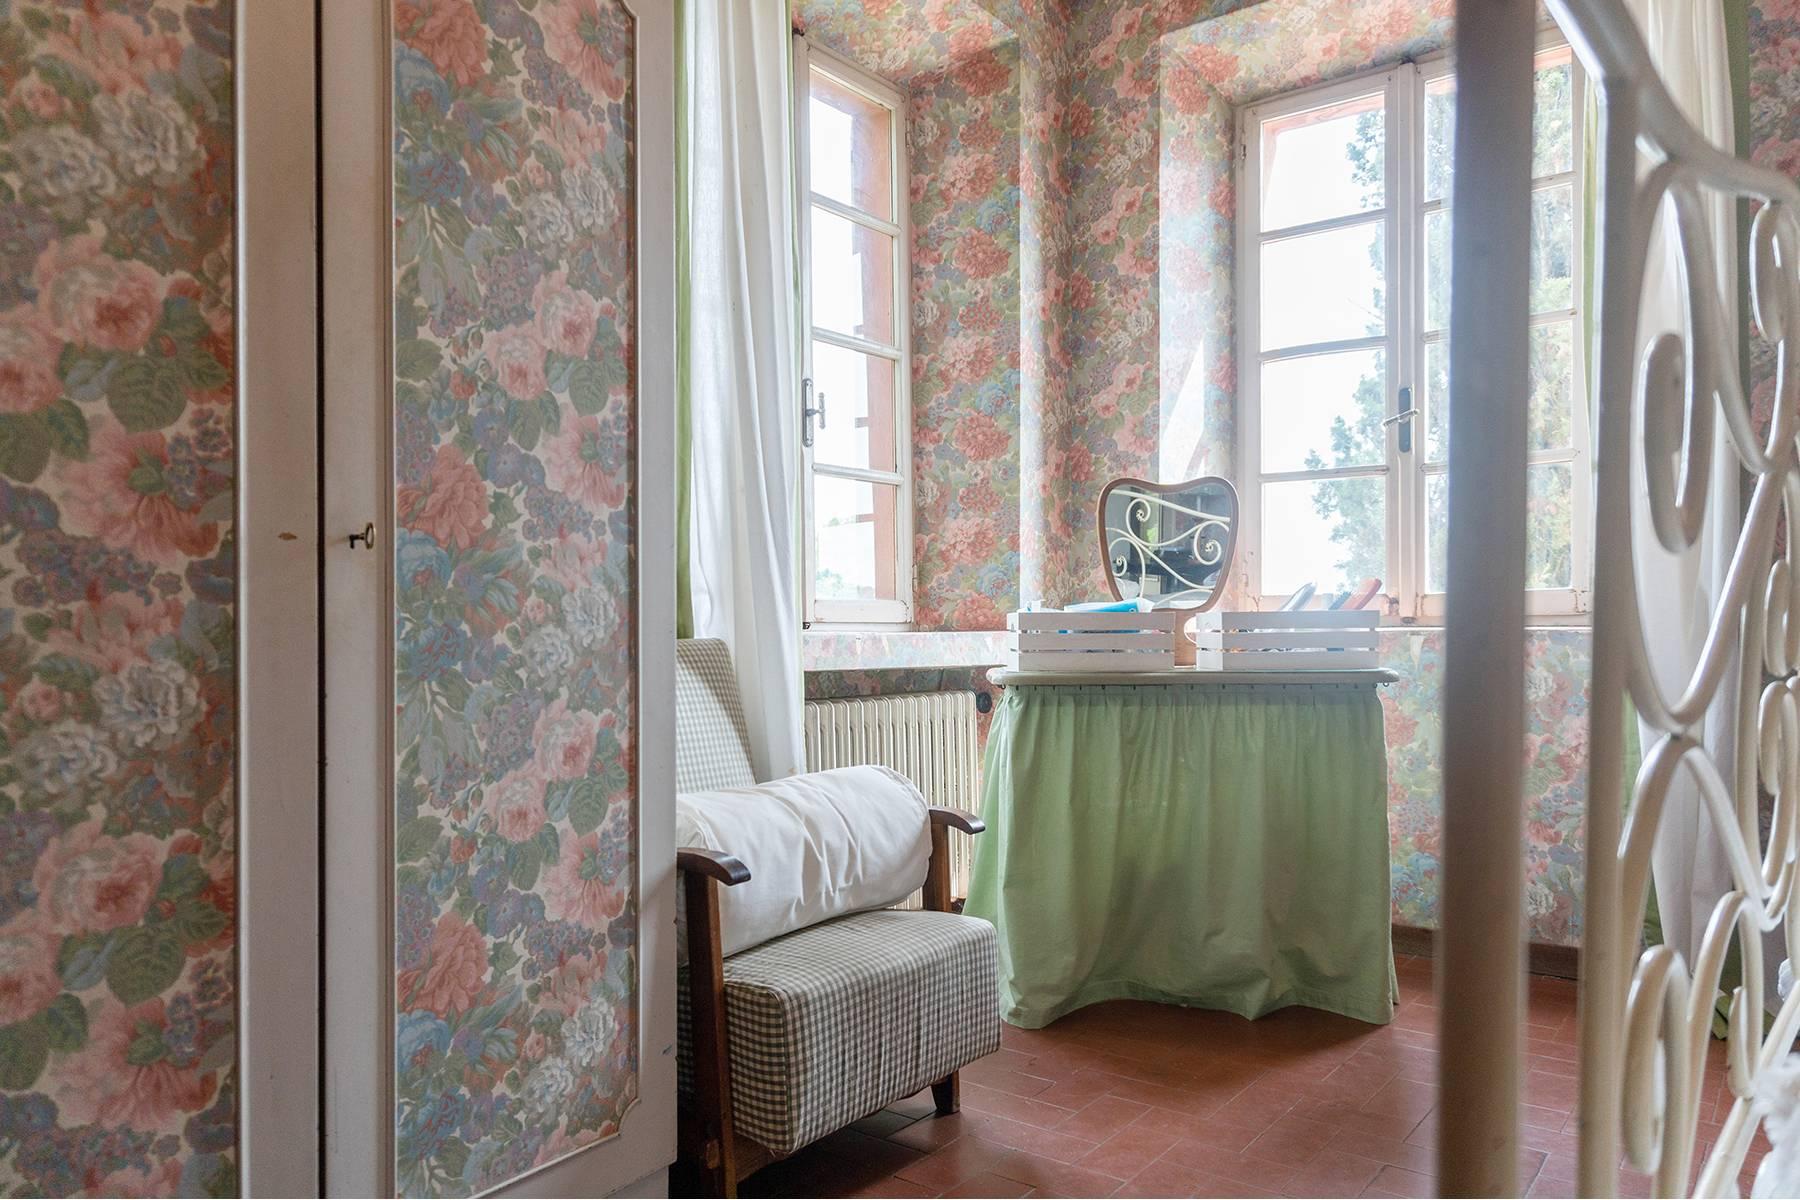 Villa in Vendita a Fiorano Modenese: 5 locali, 470 mq - Foto 14